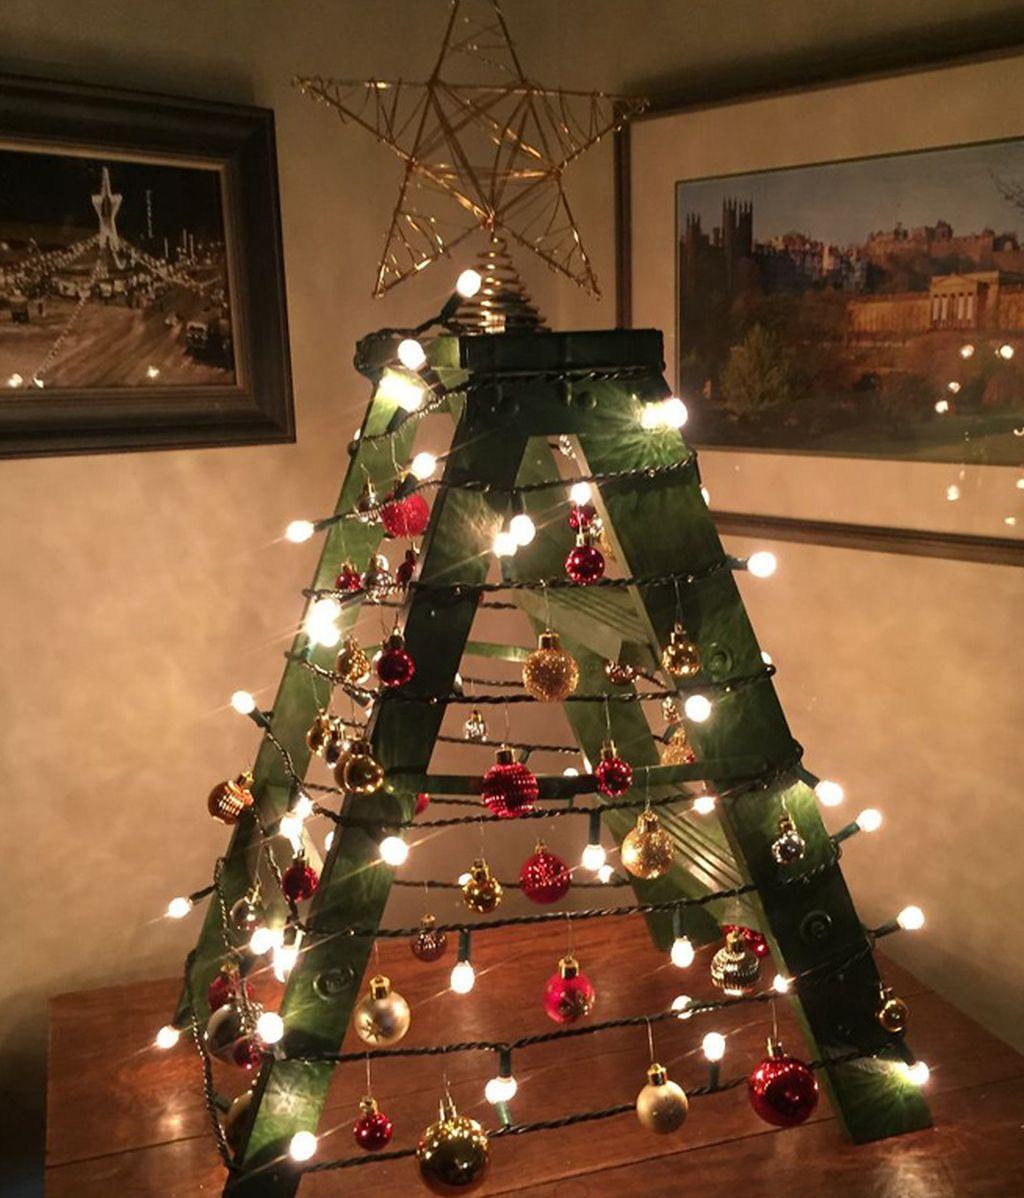 los rboles de navidad ms originales - Rboles De Navidad Originales